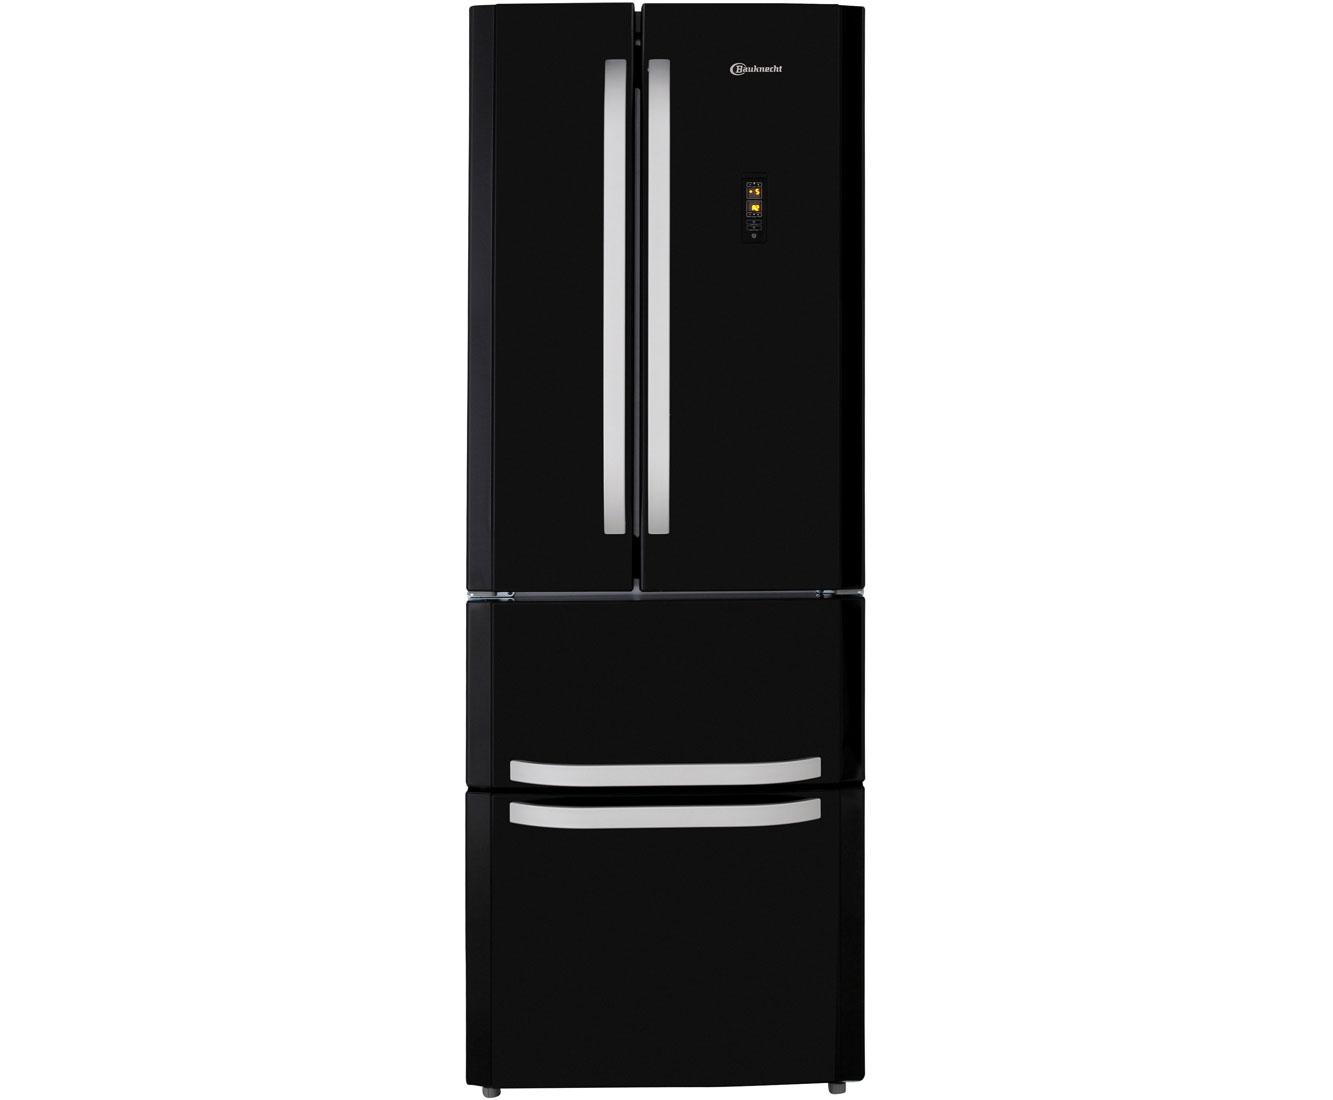 Side By Side Kühlschrank 90 Cm Breit : Kühlschrank cm breit doppelwaschbecken cm breit